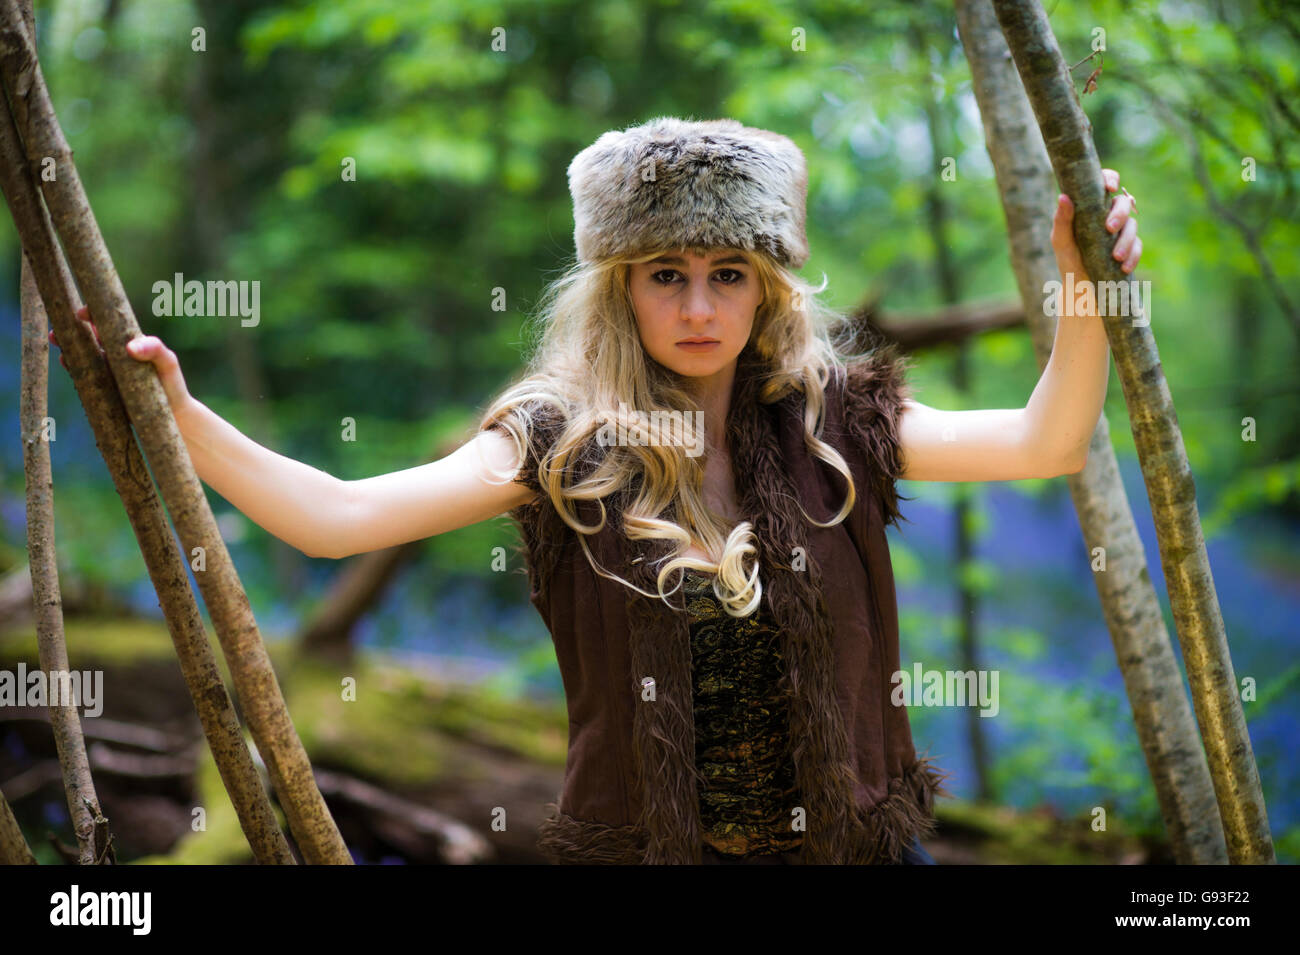 """Eine junge Frau, die Modellierung für ein Fantasy-Makeover """"Game of Thrones"""" Fotografie im freien Stil: Göttin / Priesterin / Jägerin in den Wald, UK Stockfoto"""